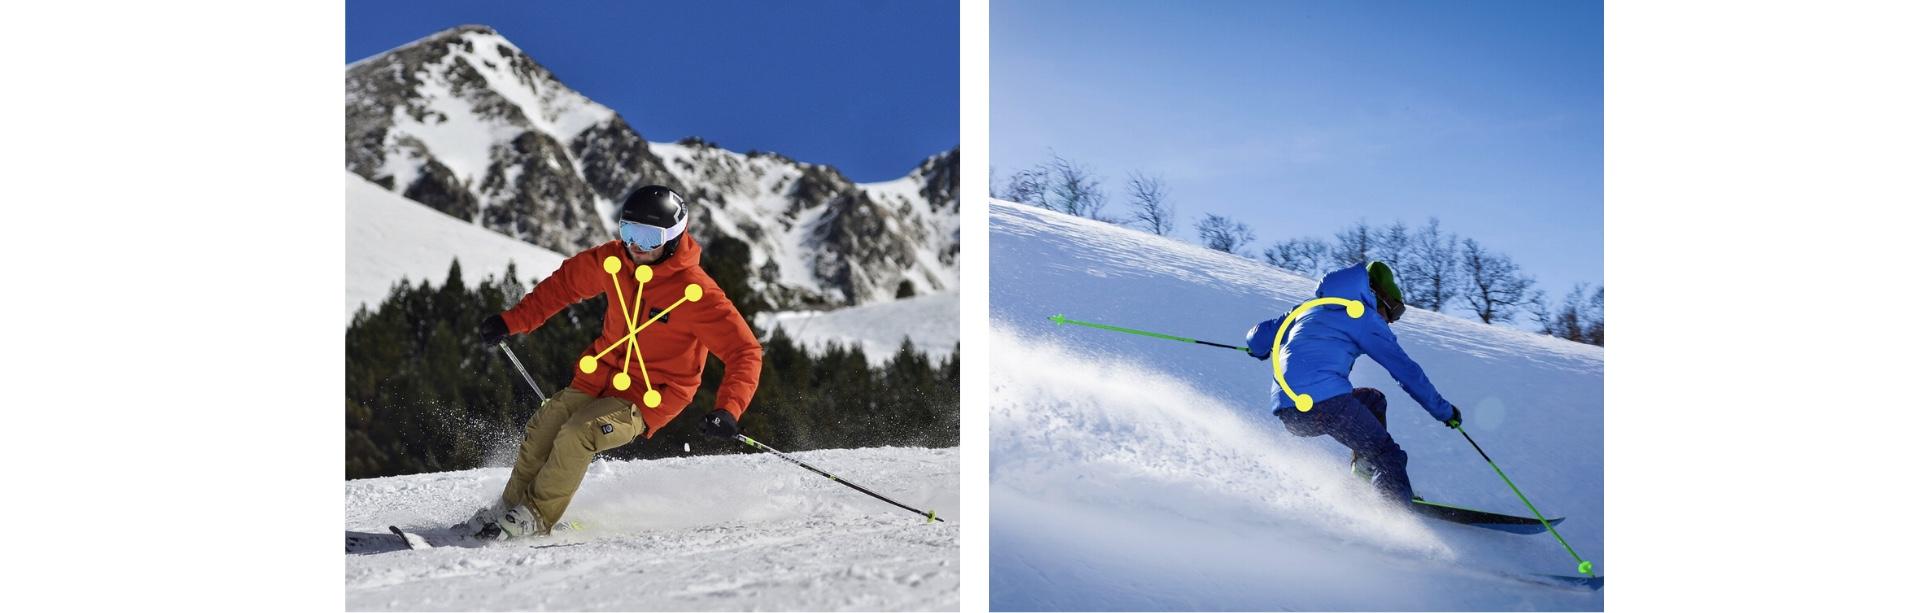 Ski Core